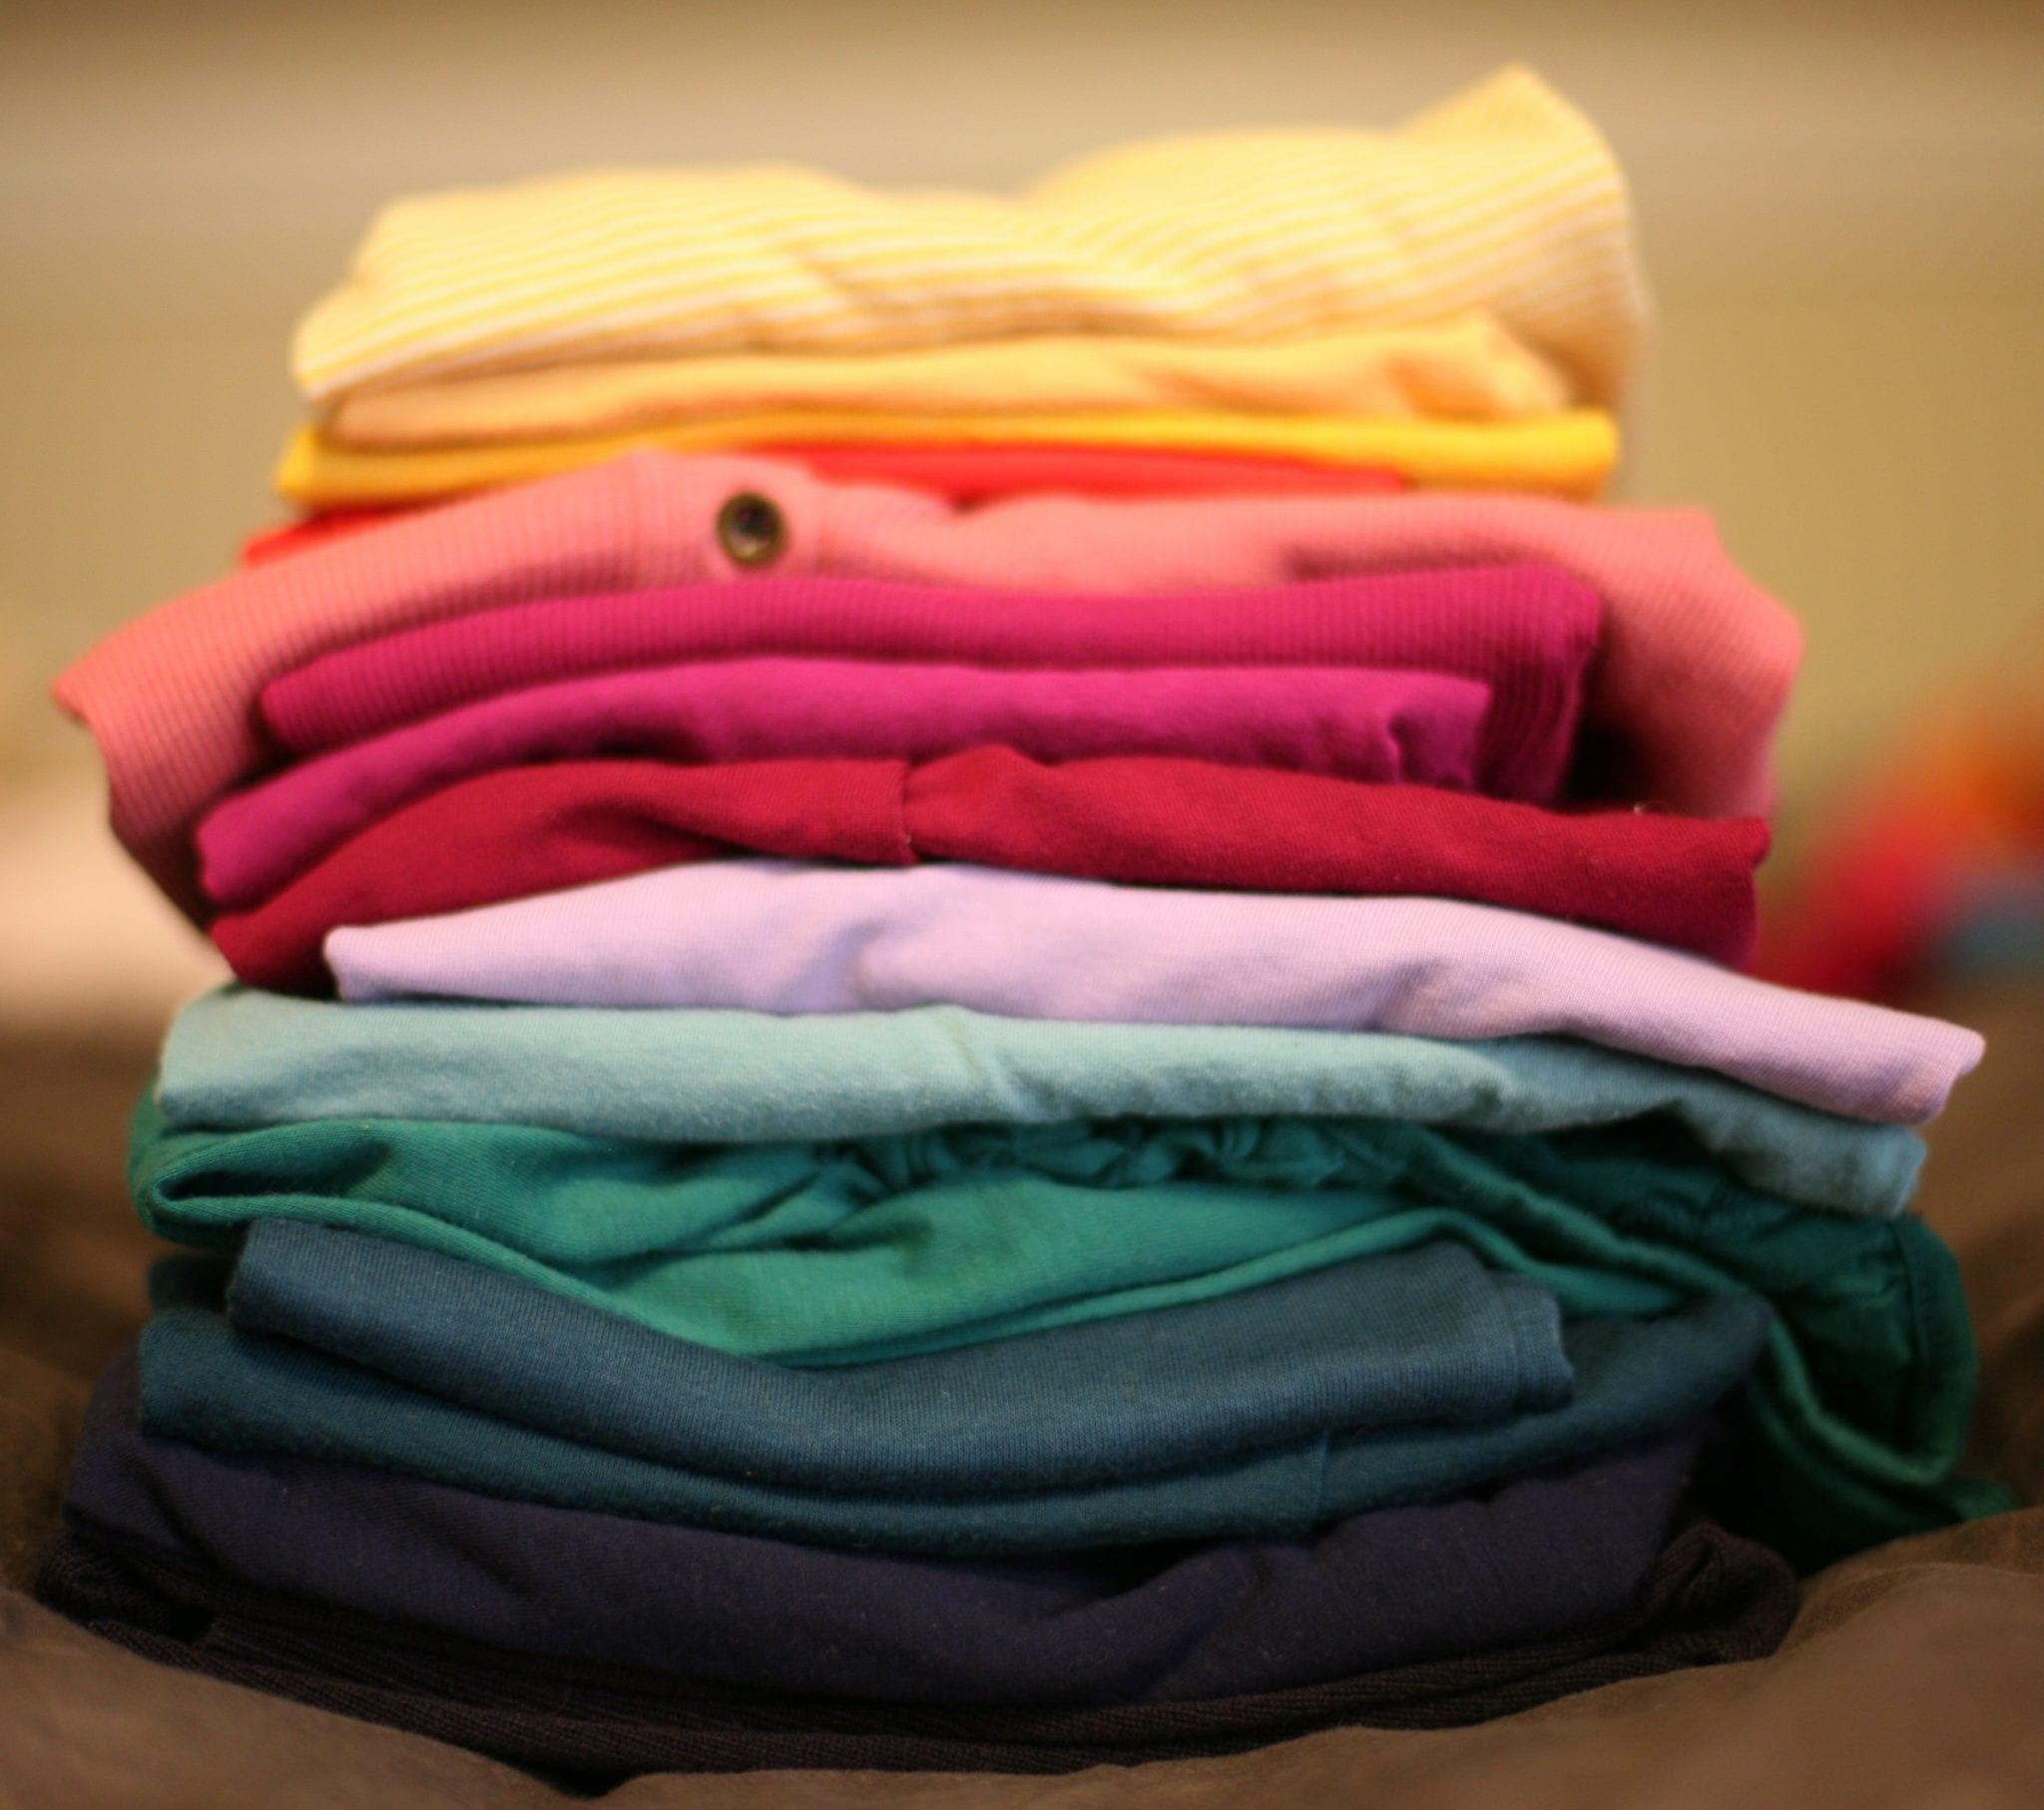 Inilah Cara Menghilangkan Tinta Di Baju Dengan Pasta Gigi